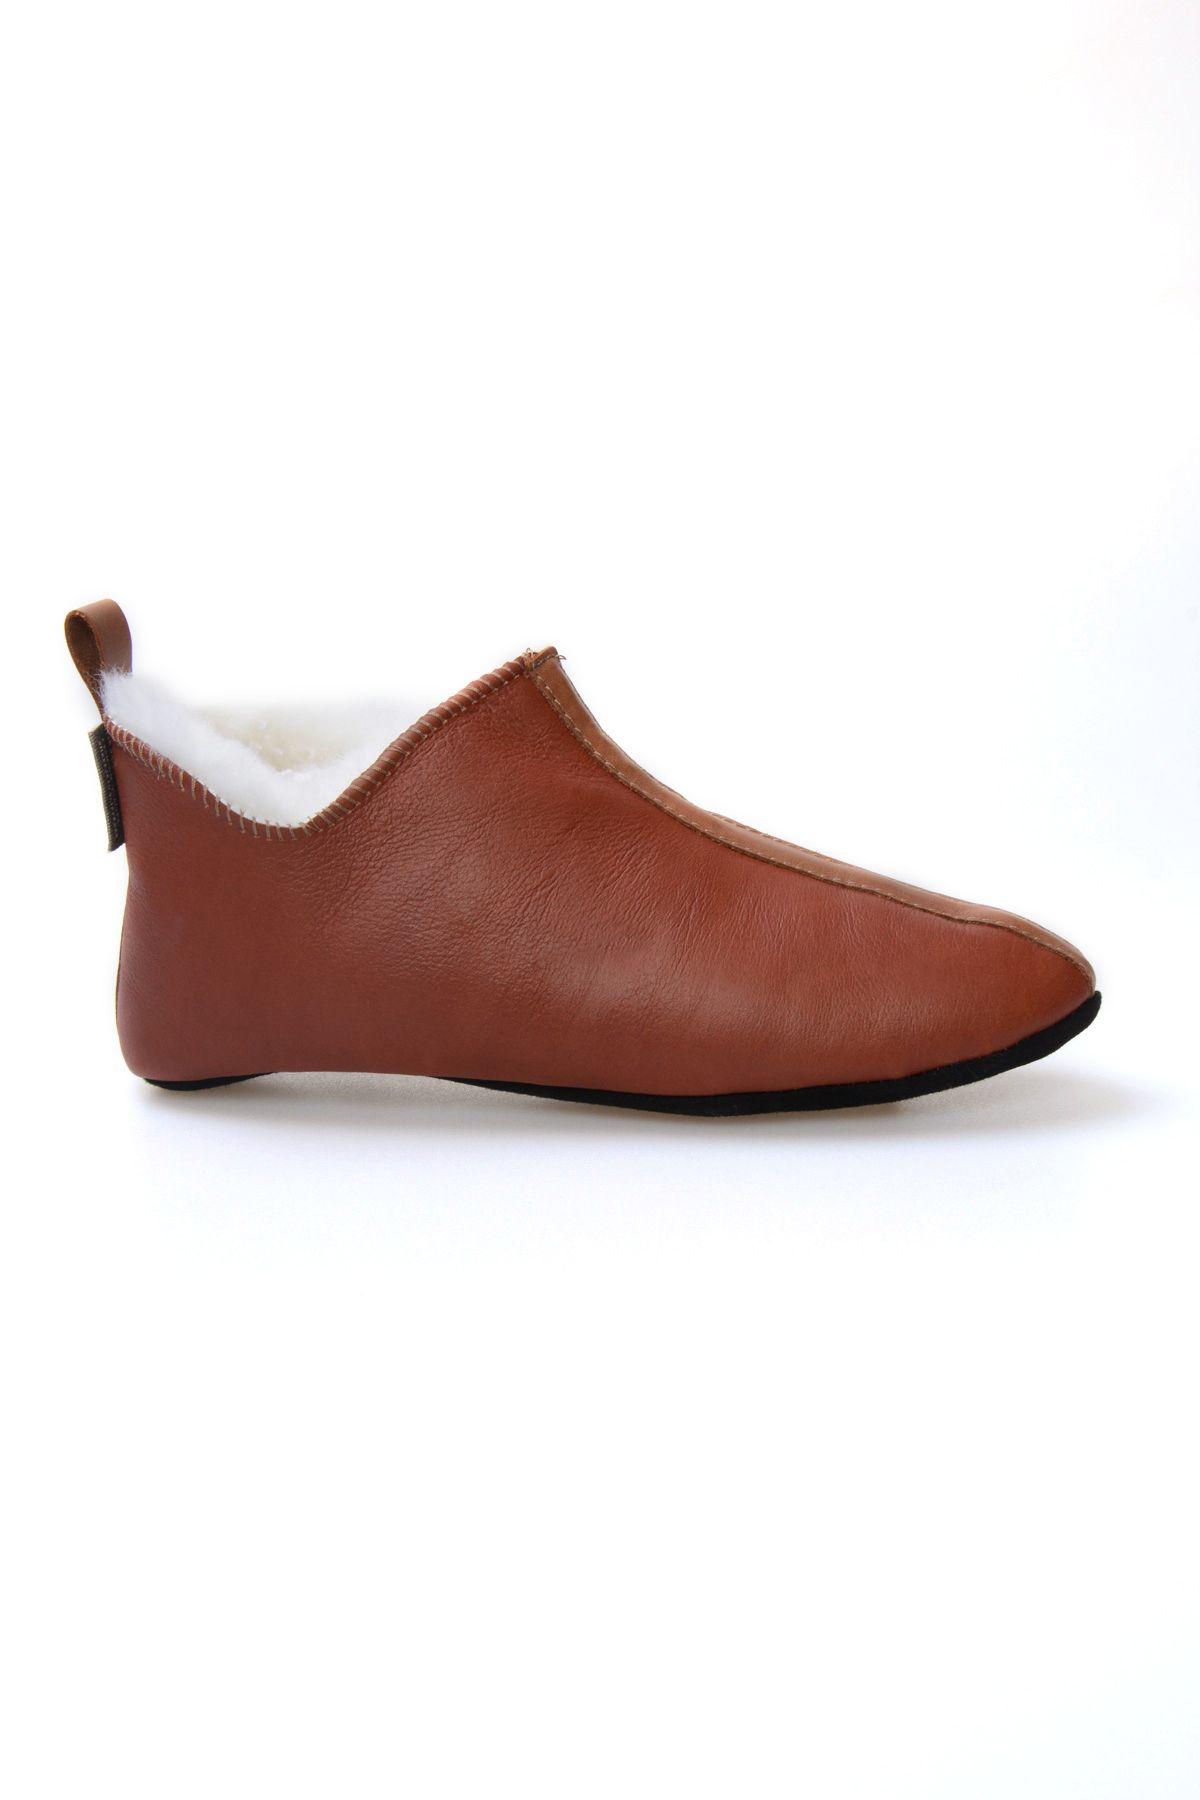 Pegia Hakiki Kürklü Süet Erkek Ev Ayakkabısı 980559 Ginger